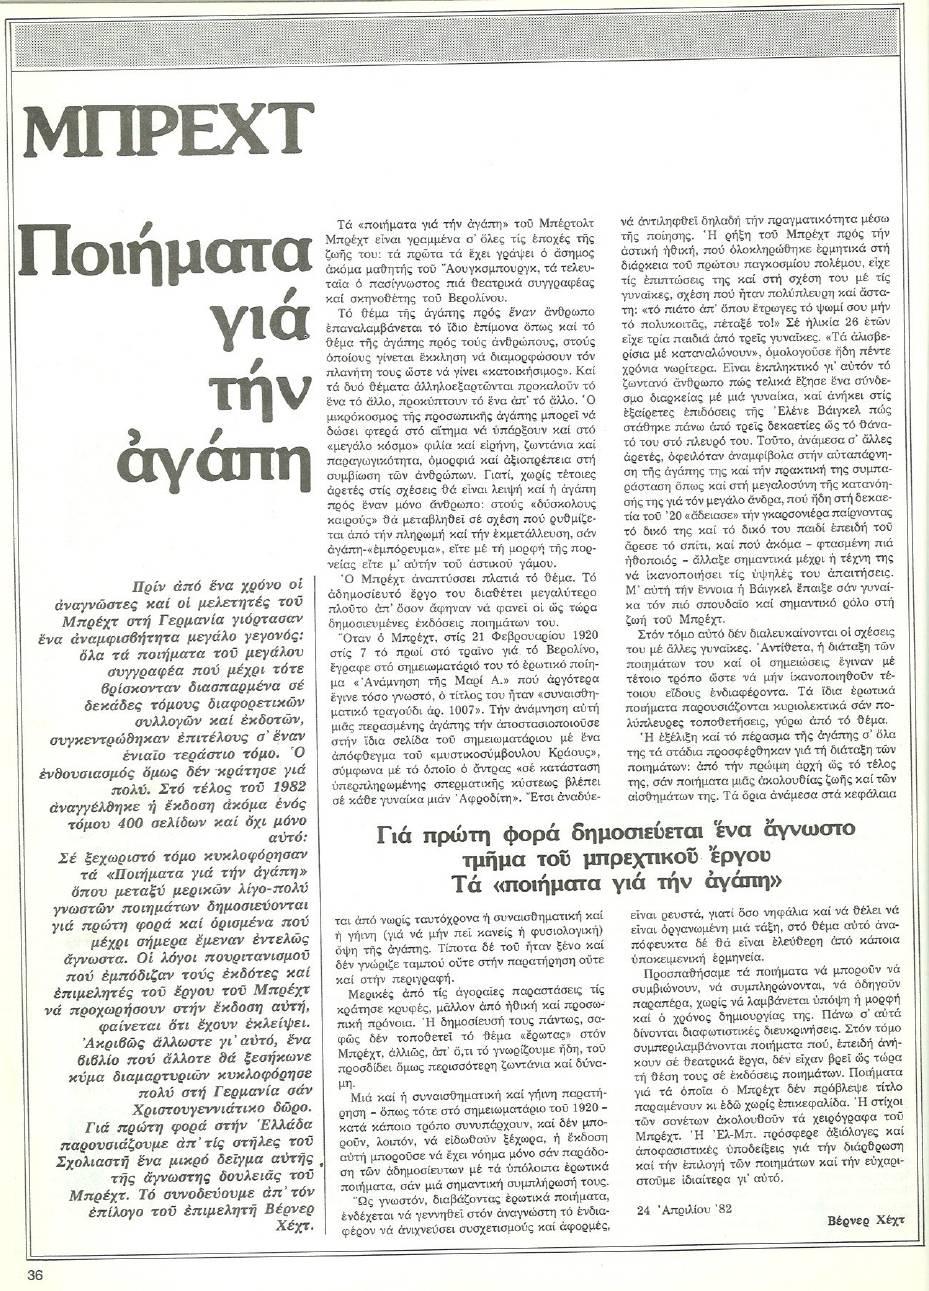 1983-04-ΑΠΡ-ΣΧΟΛΙΑΣΤΗΣ-ΤΧ#36 - Βέρνερ Χεχτ - Μπρεχτ Ποιήματα για την αγάπη